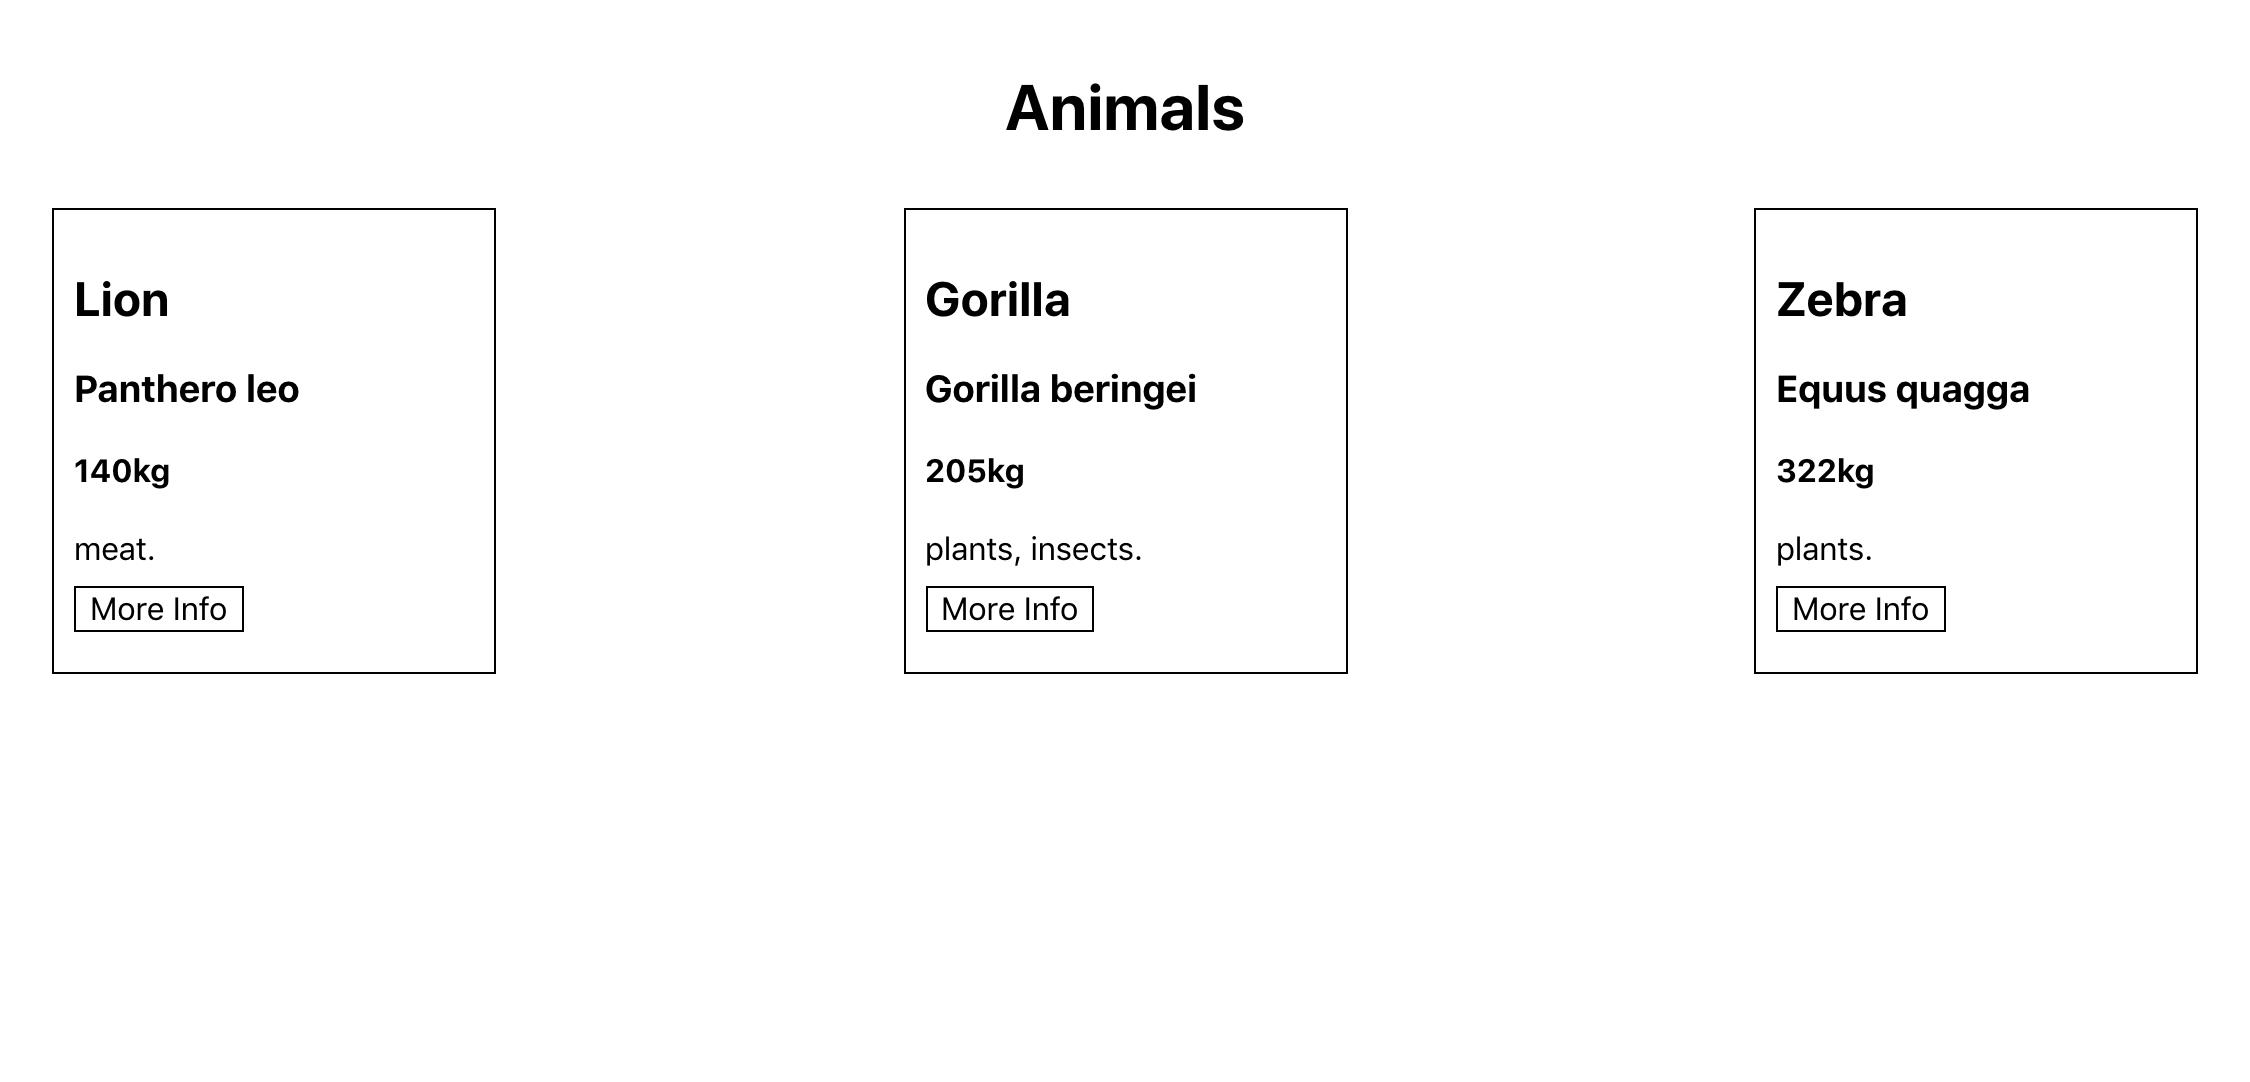 Projet React avec des cartes d'animaux stylisés